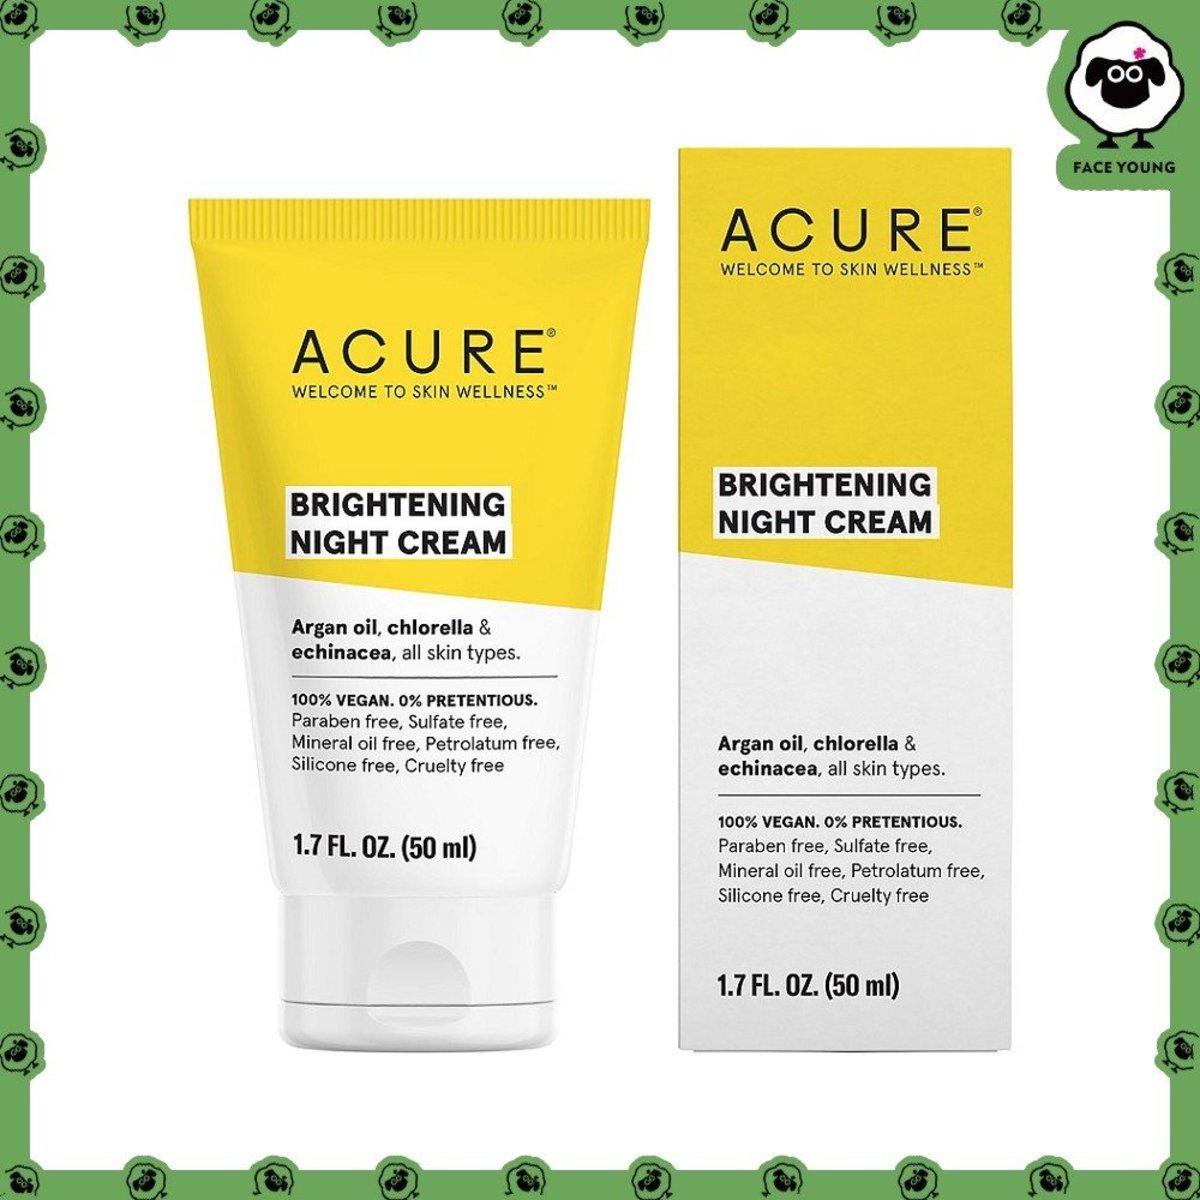 Brightening Night Cream 50ml